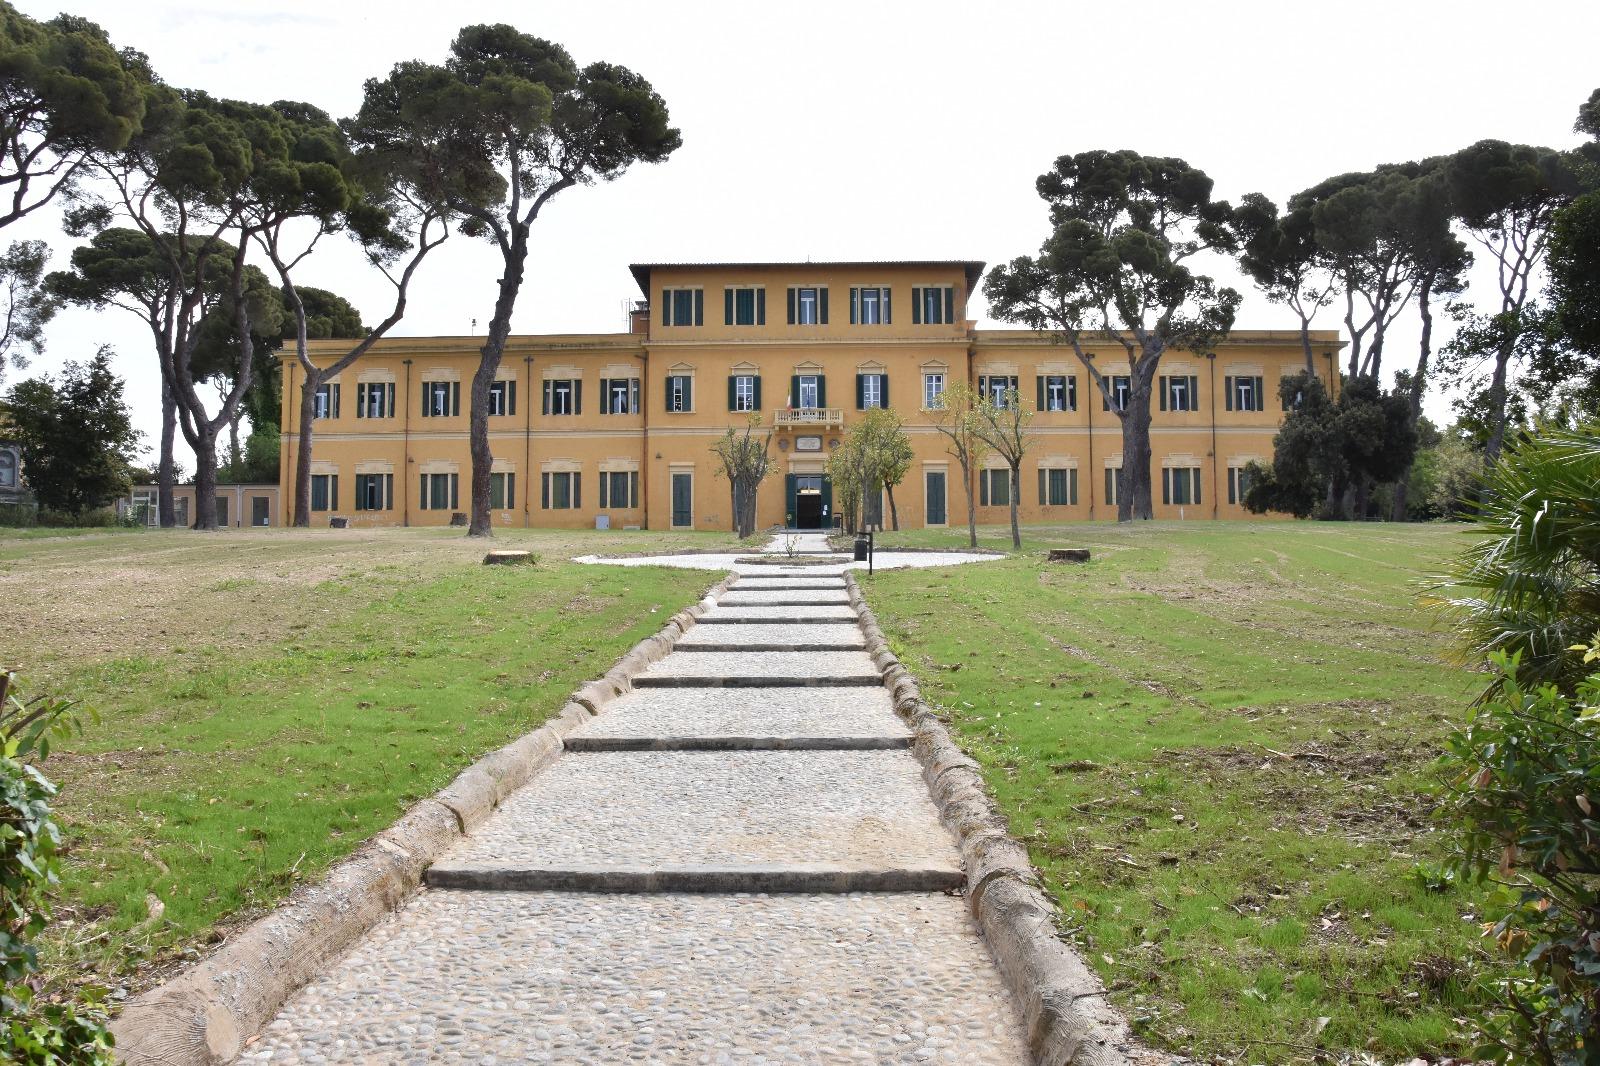 Villa Corridi, riaperto il parco - QuiLivorno.it